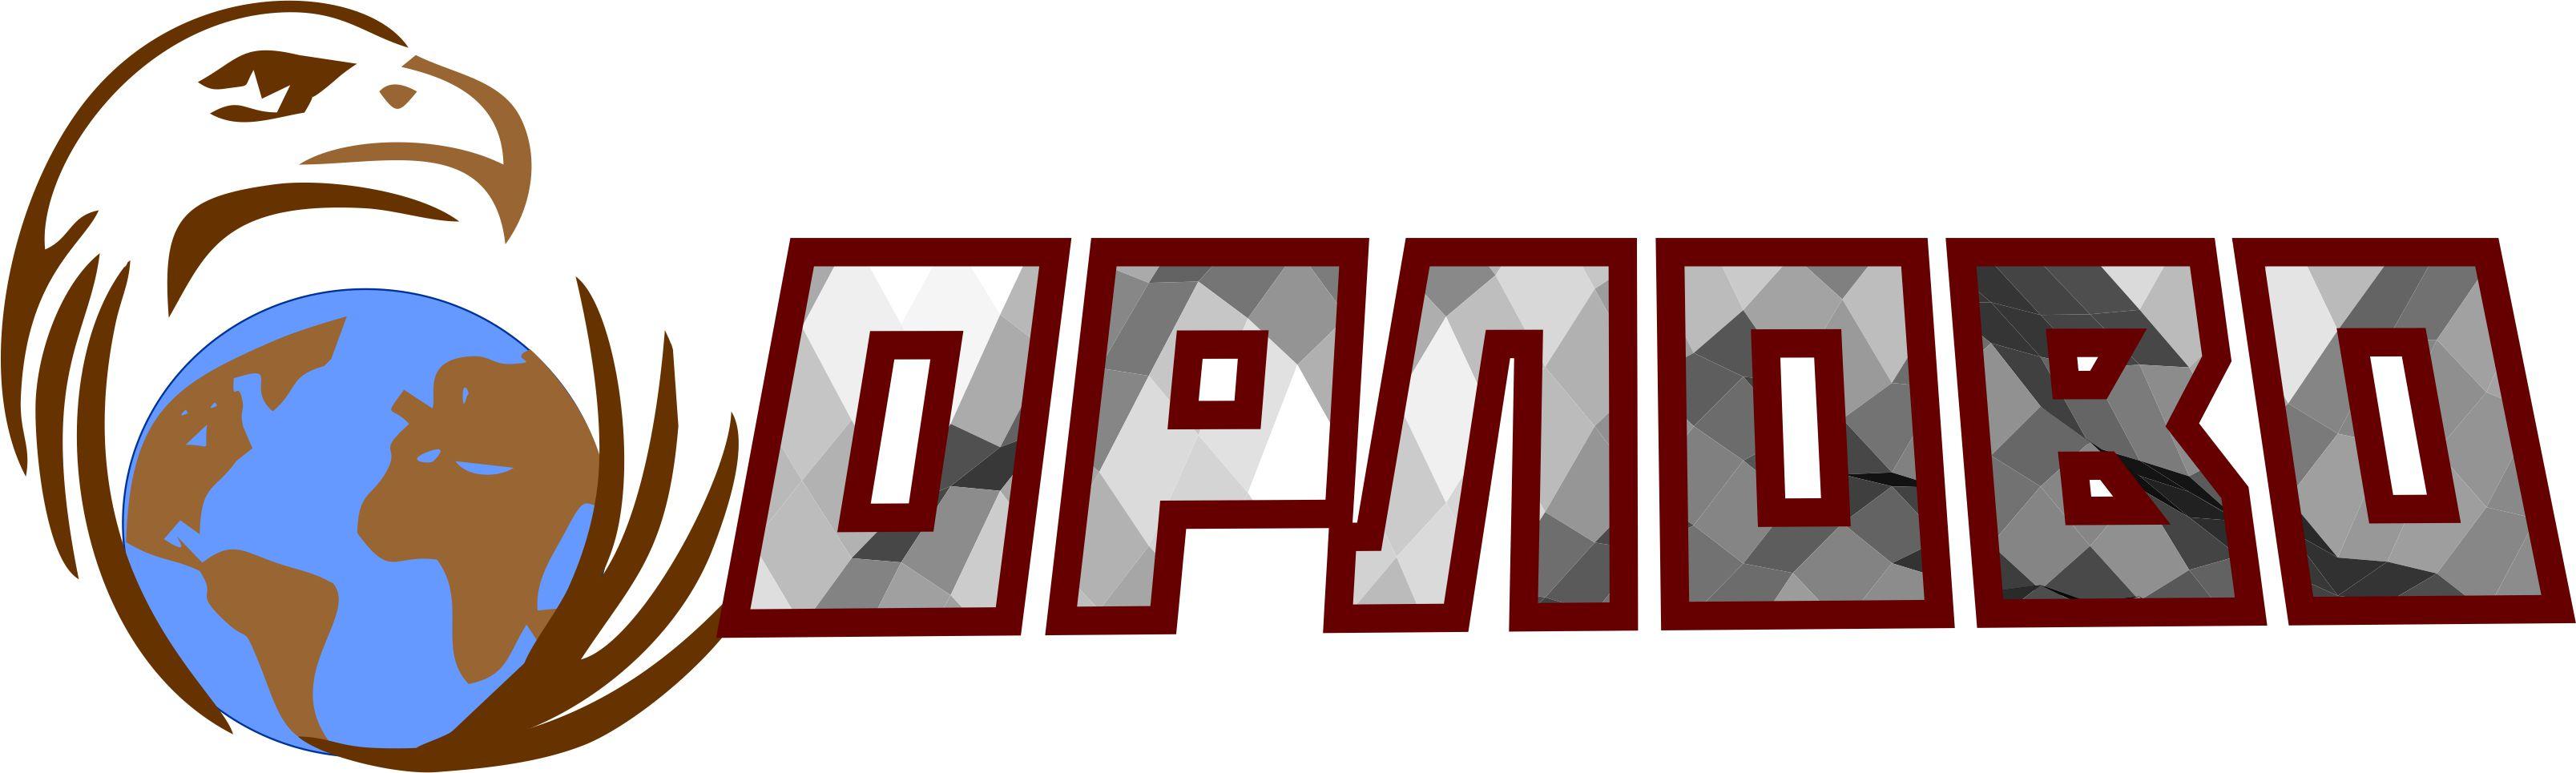 Разработка логотипа для Торгово-развлекательного комплекса фото f_7265969b1365371b.jpg